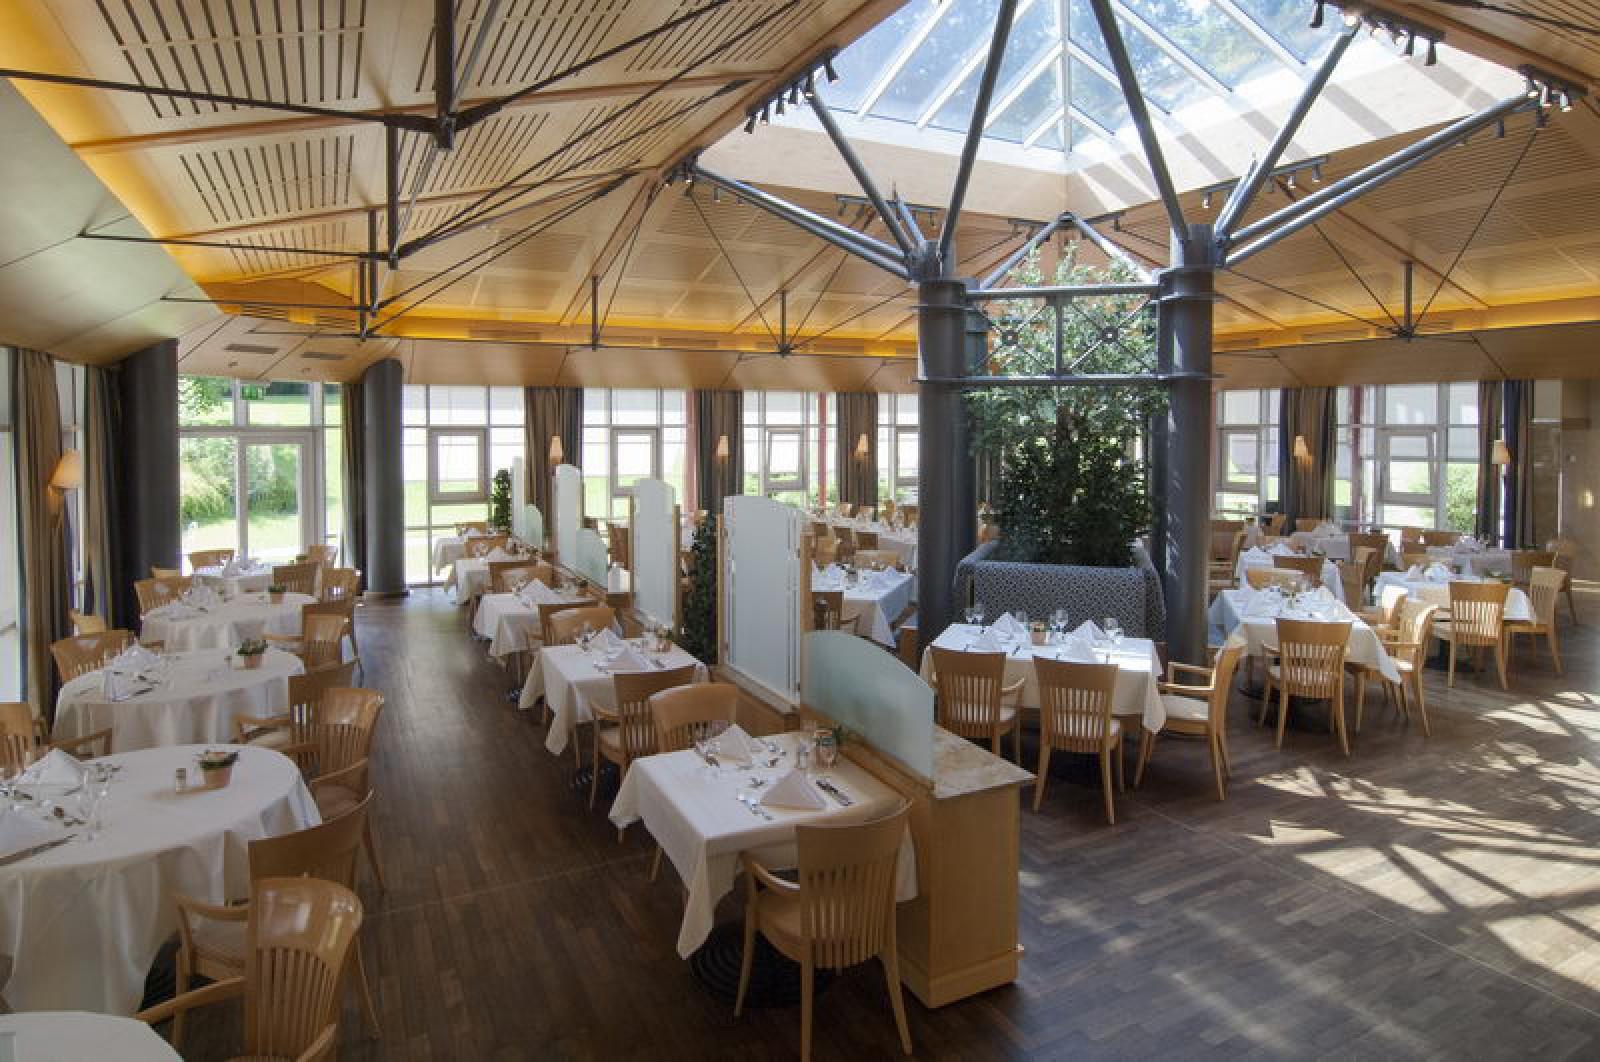 Hotel Residence Starnberger See Feldafing